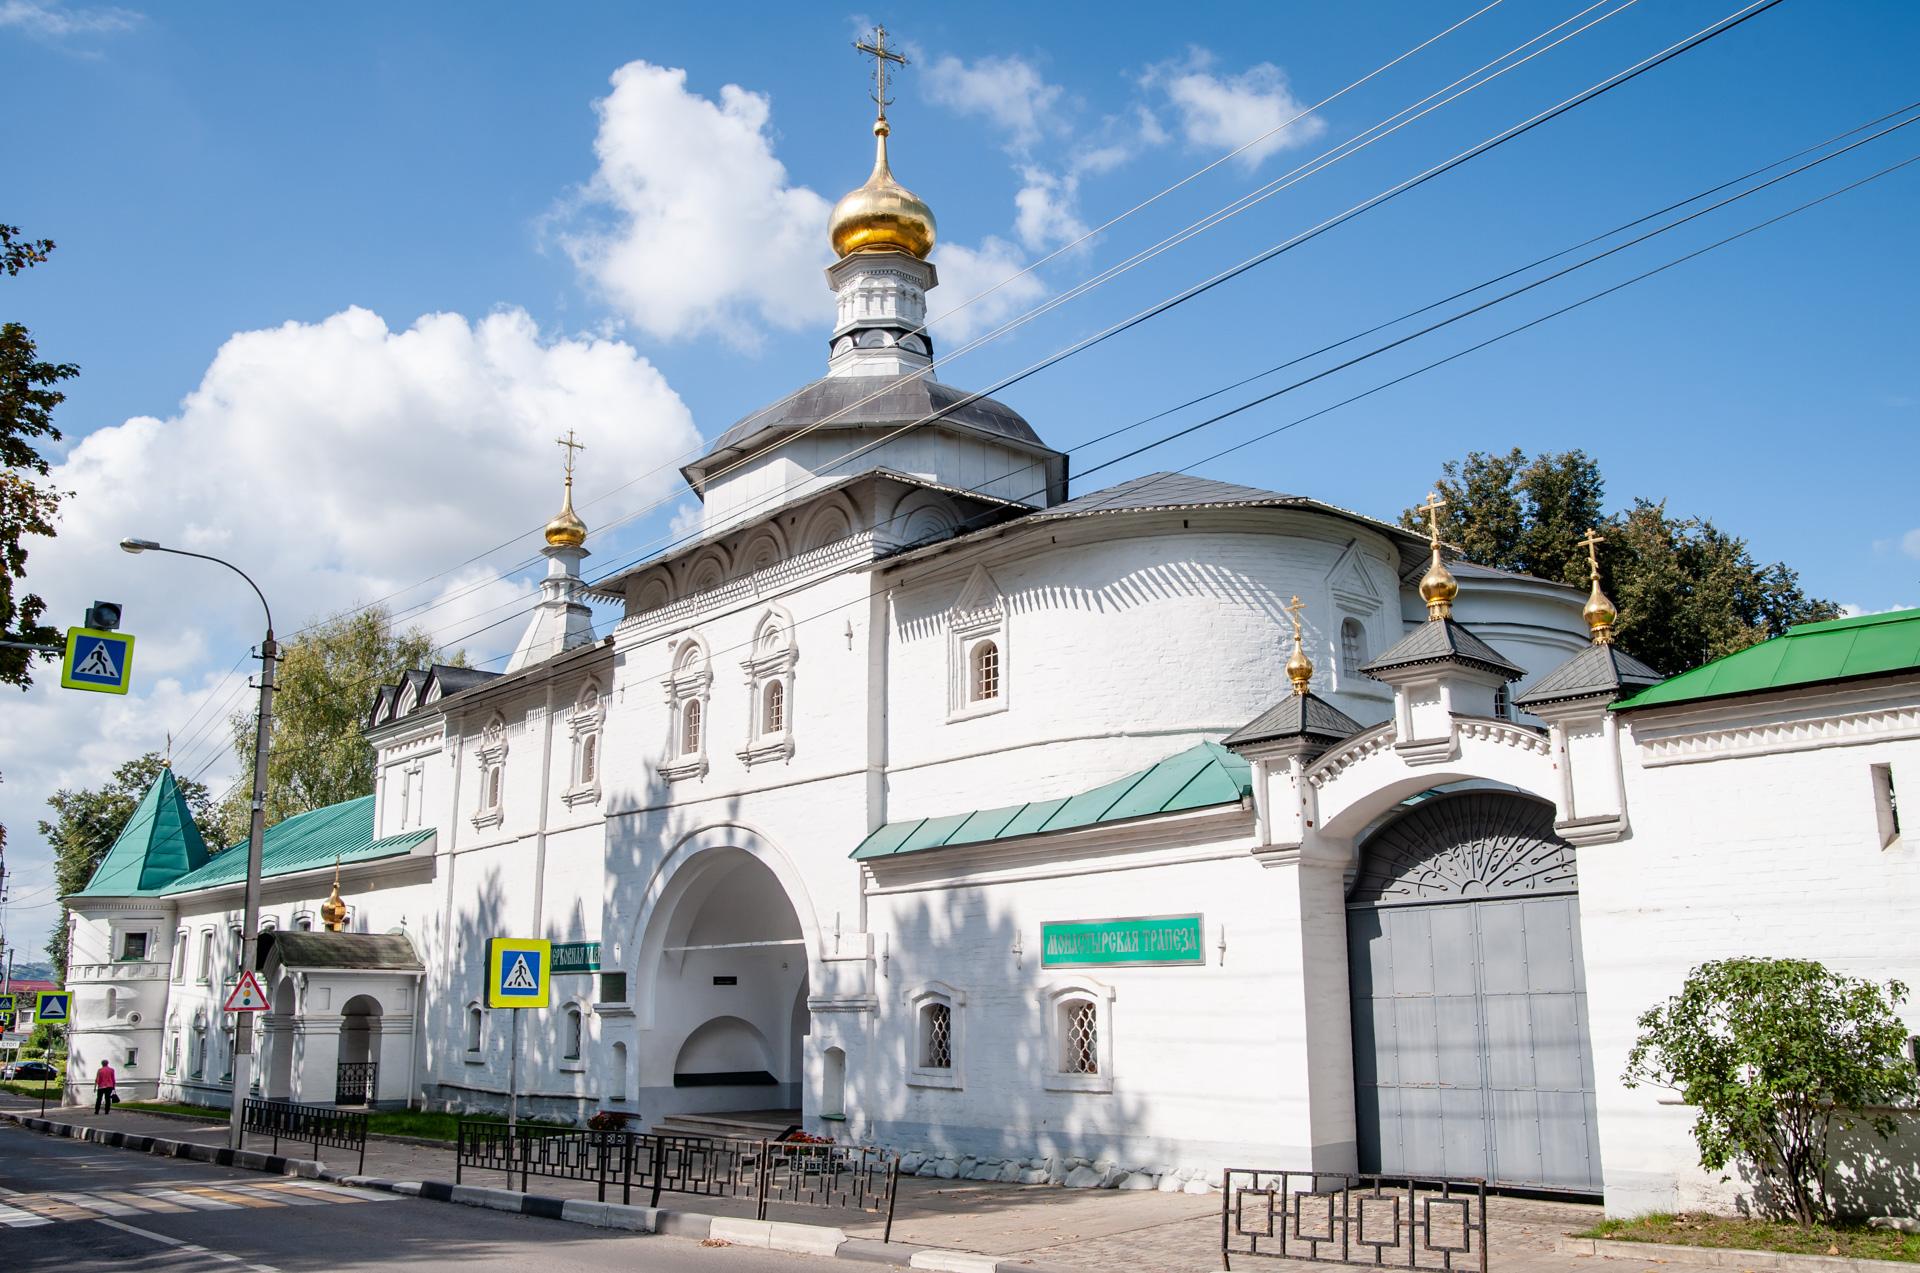 Дмитровское направление. Дмитров. Борисоглебский мужской монастырь